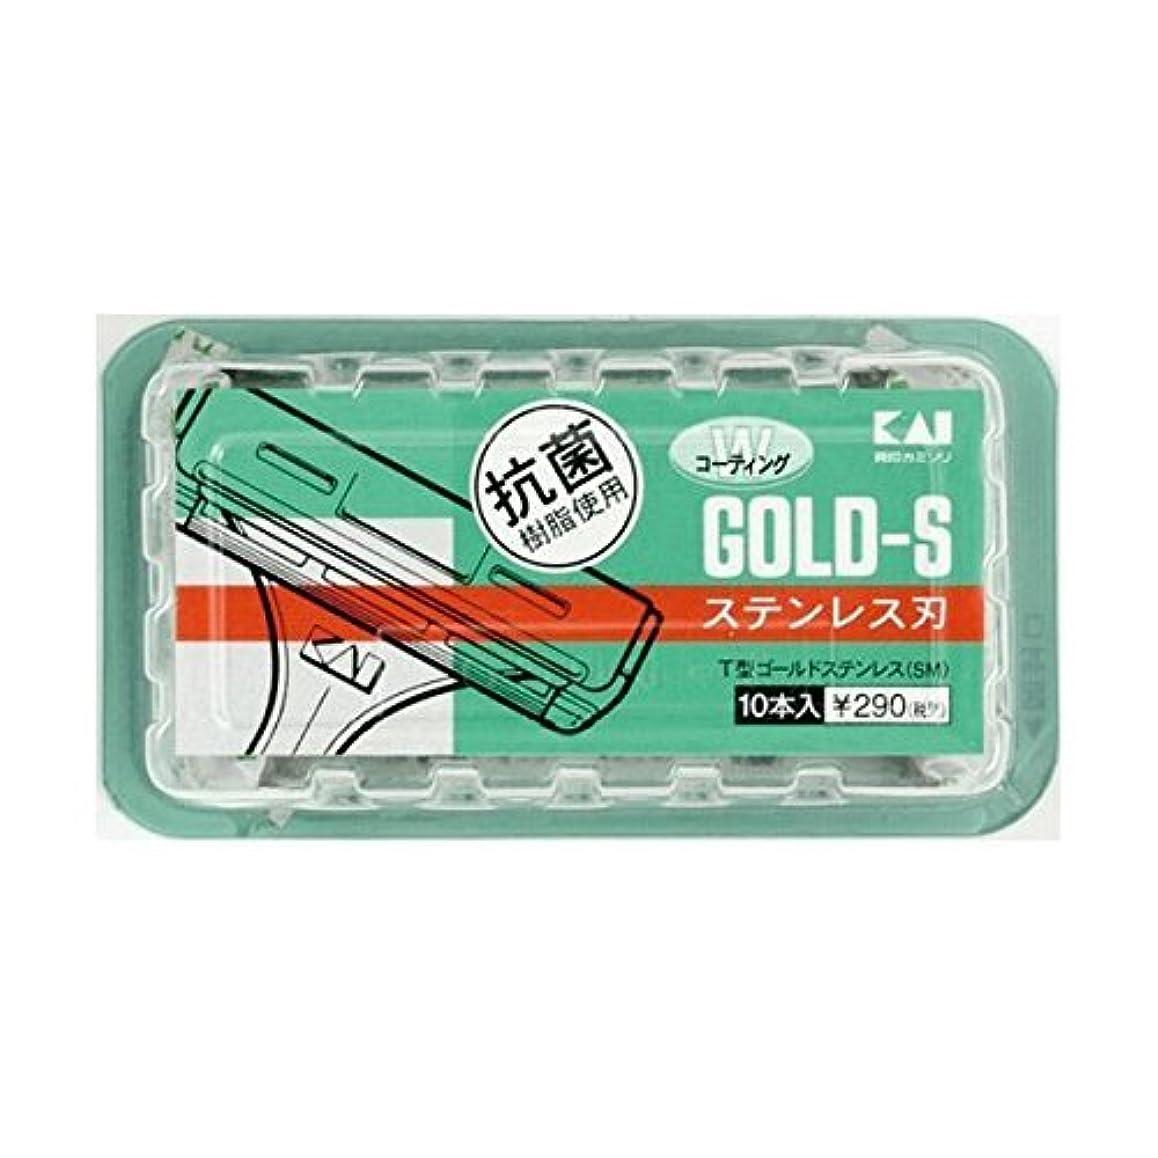 に付けるますますなる貝印 (業務用20セット) T型ゴールドステンレスSM10本